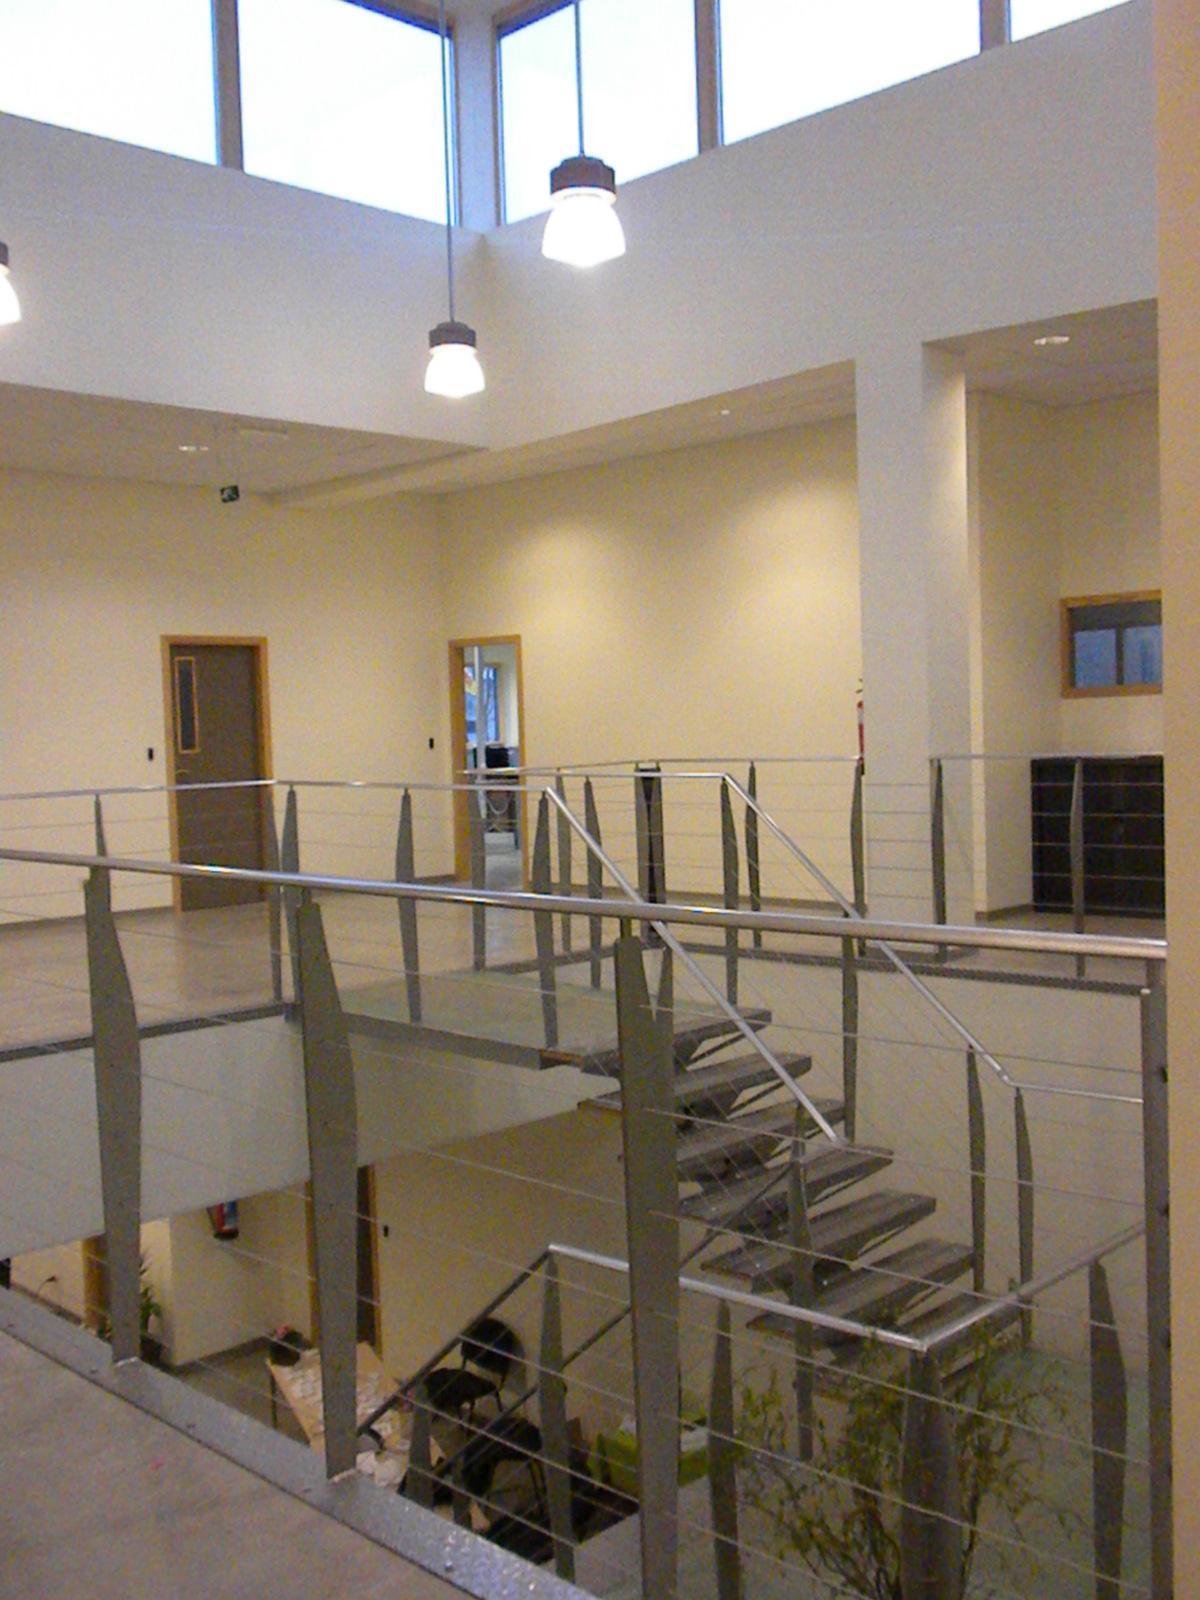 Bureaux passifs et d un hall industriel tr s basse nergie construction21 - Cout de construction d un batiment industriel ...